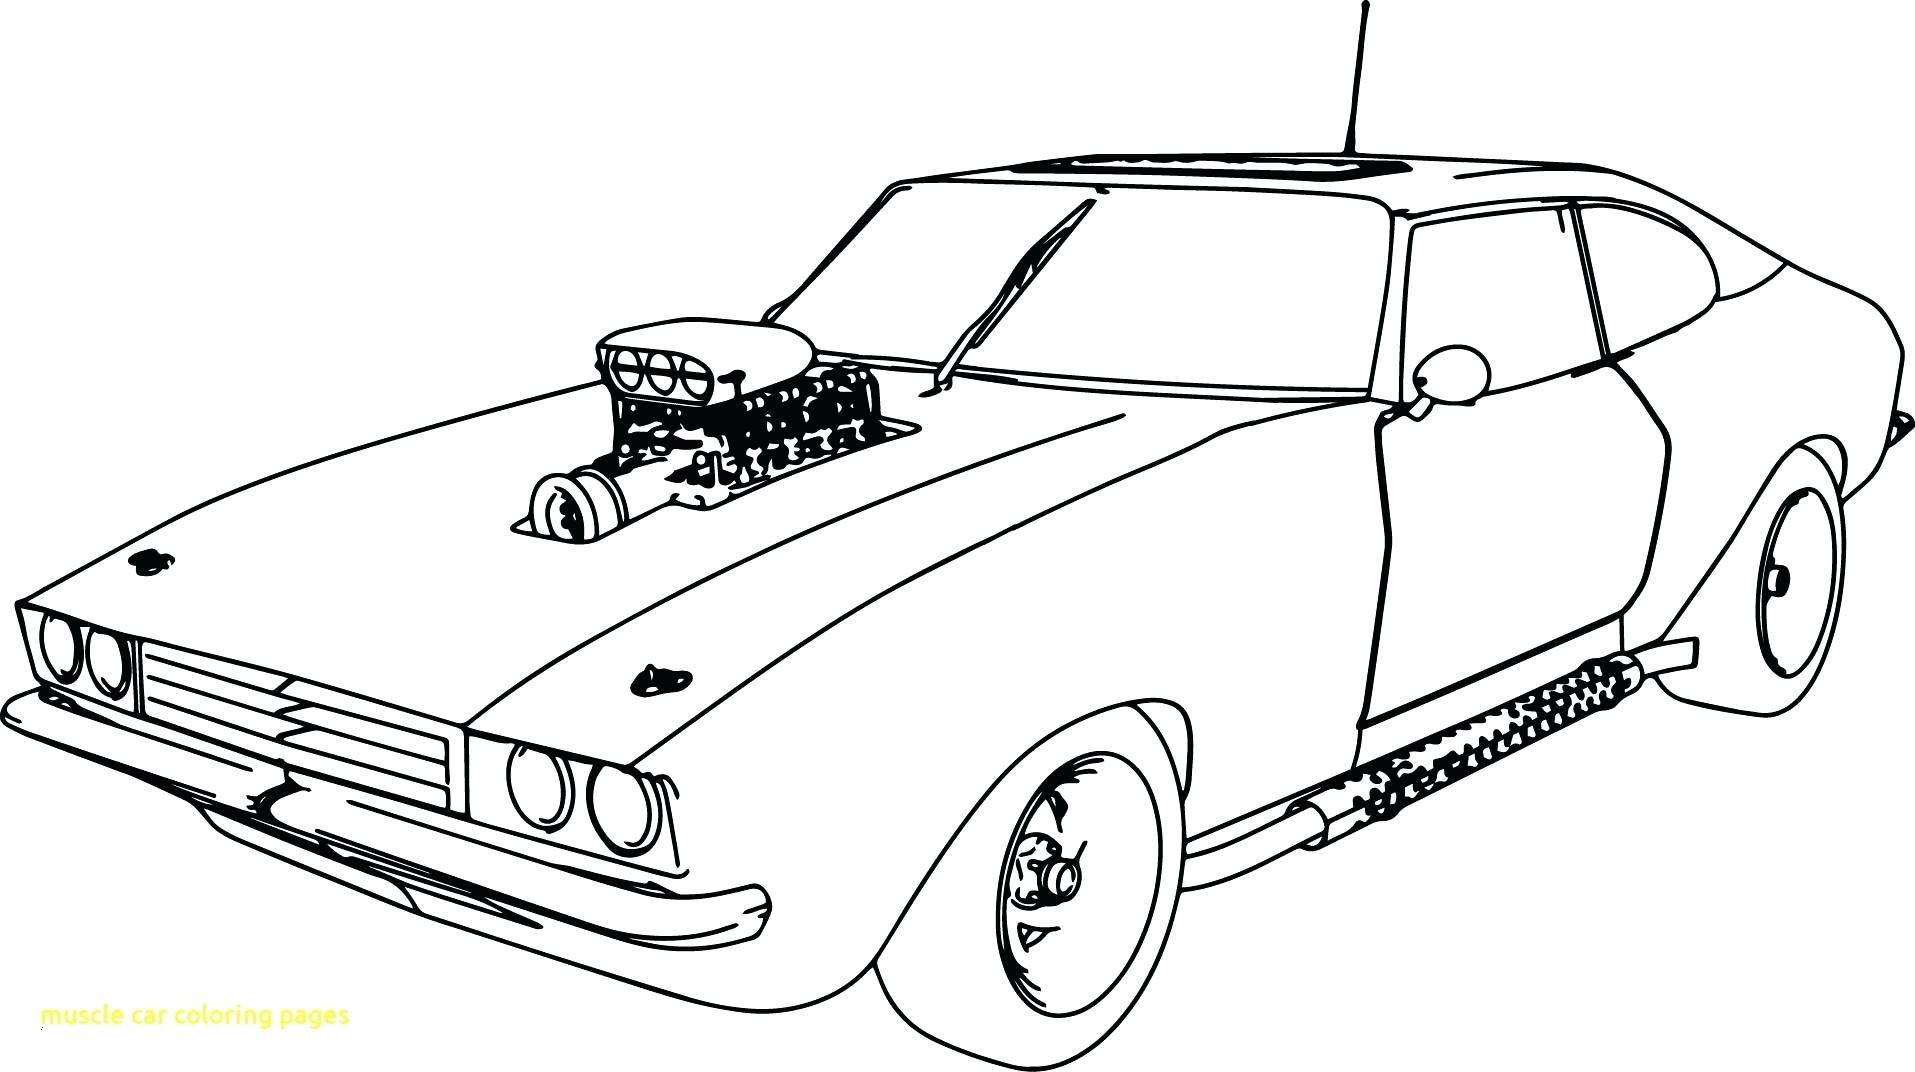 Ausmalbilder Zum Ausdrucken Autos Neu 30 Malvorlagen Autos Zum Ausdrucken forstergallery Bild